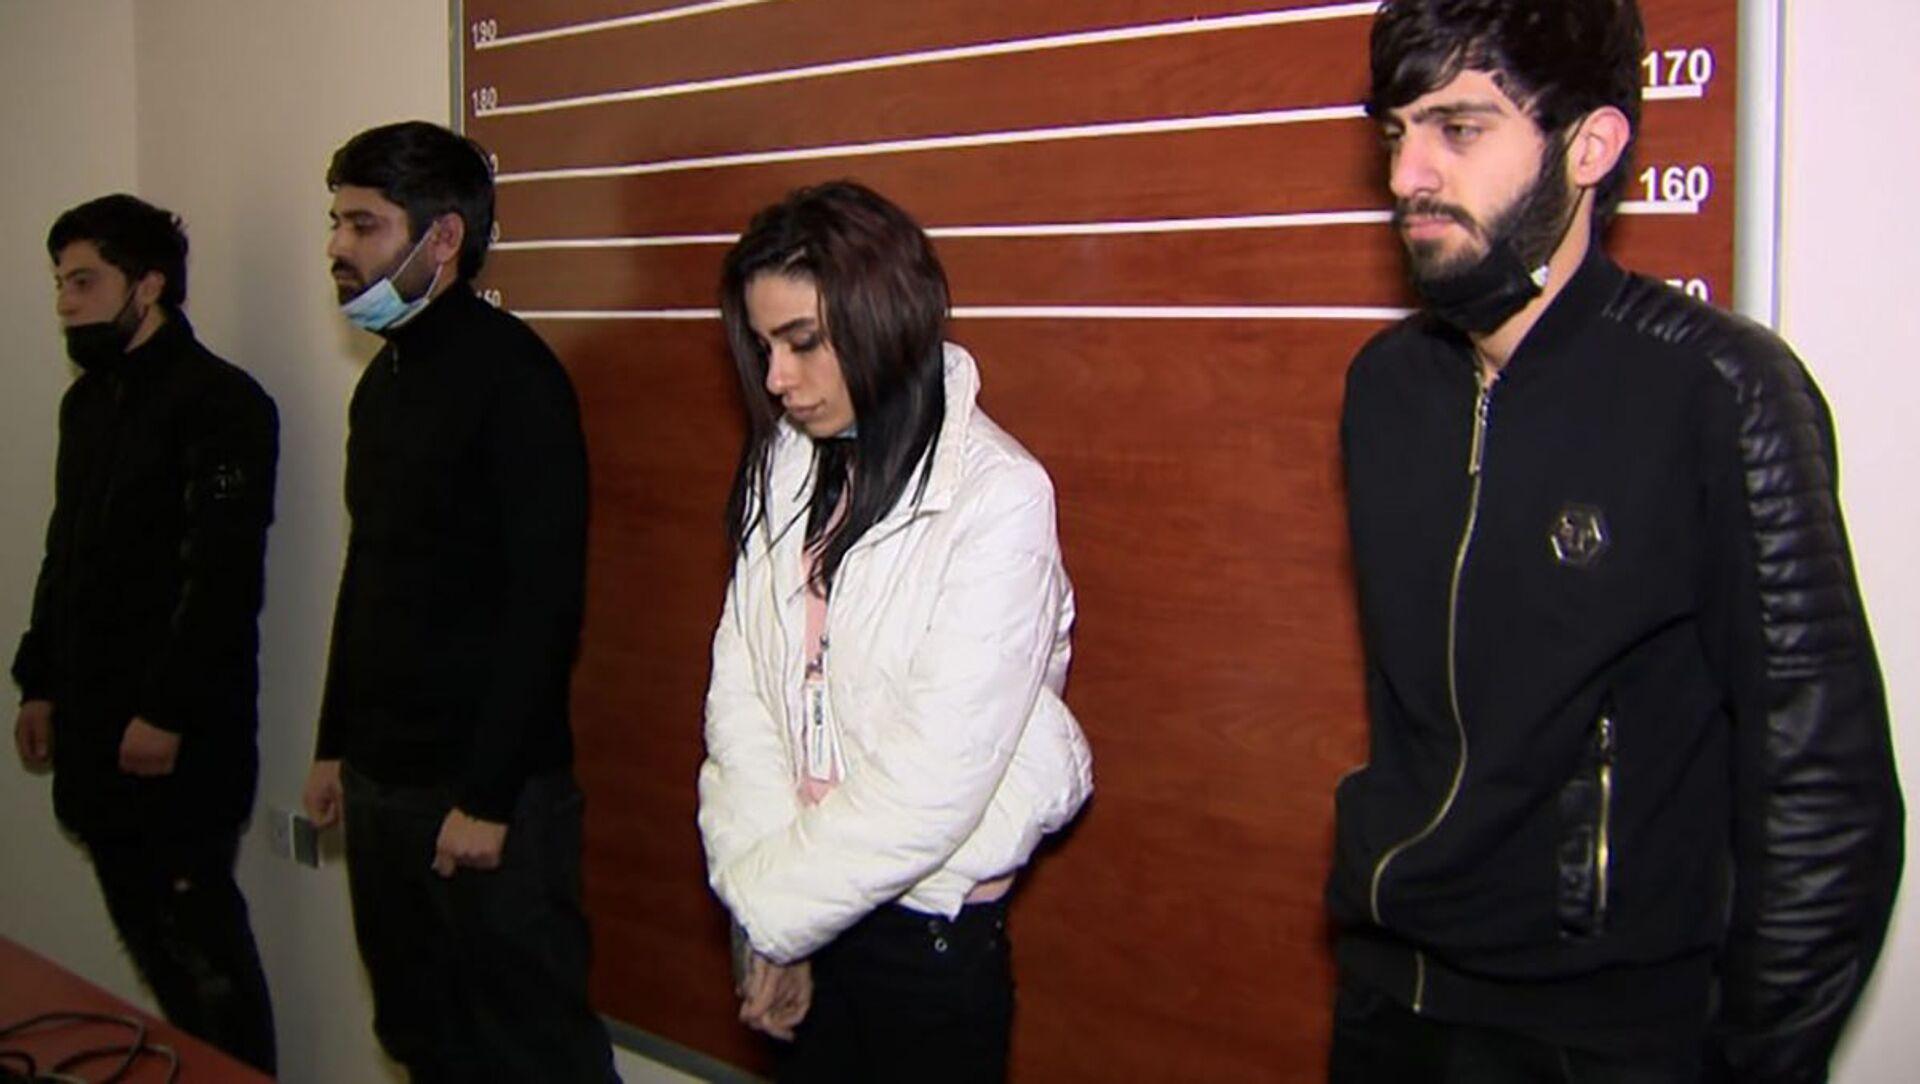 Задержанная банда из четырех человек: Васифа Байрамова, Суата Алиева, Рамиля Новрузова и Назрин Алиевой - Sputnik Азербайджан, 1920, 22.02.2021